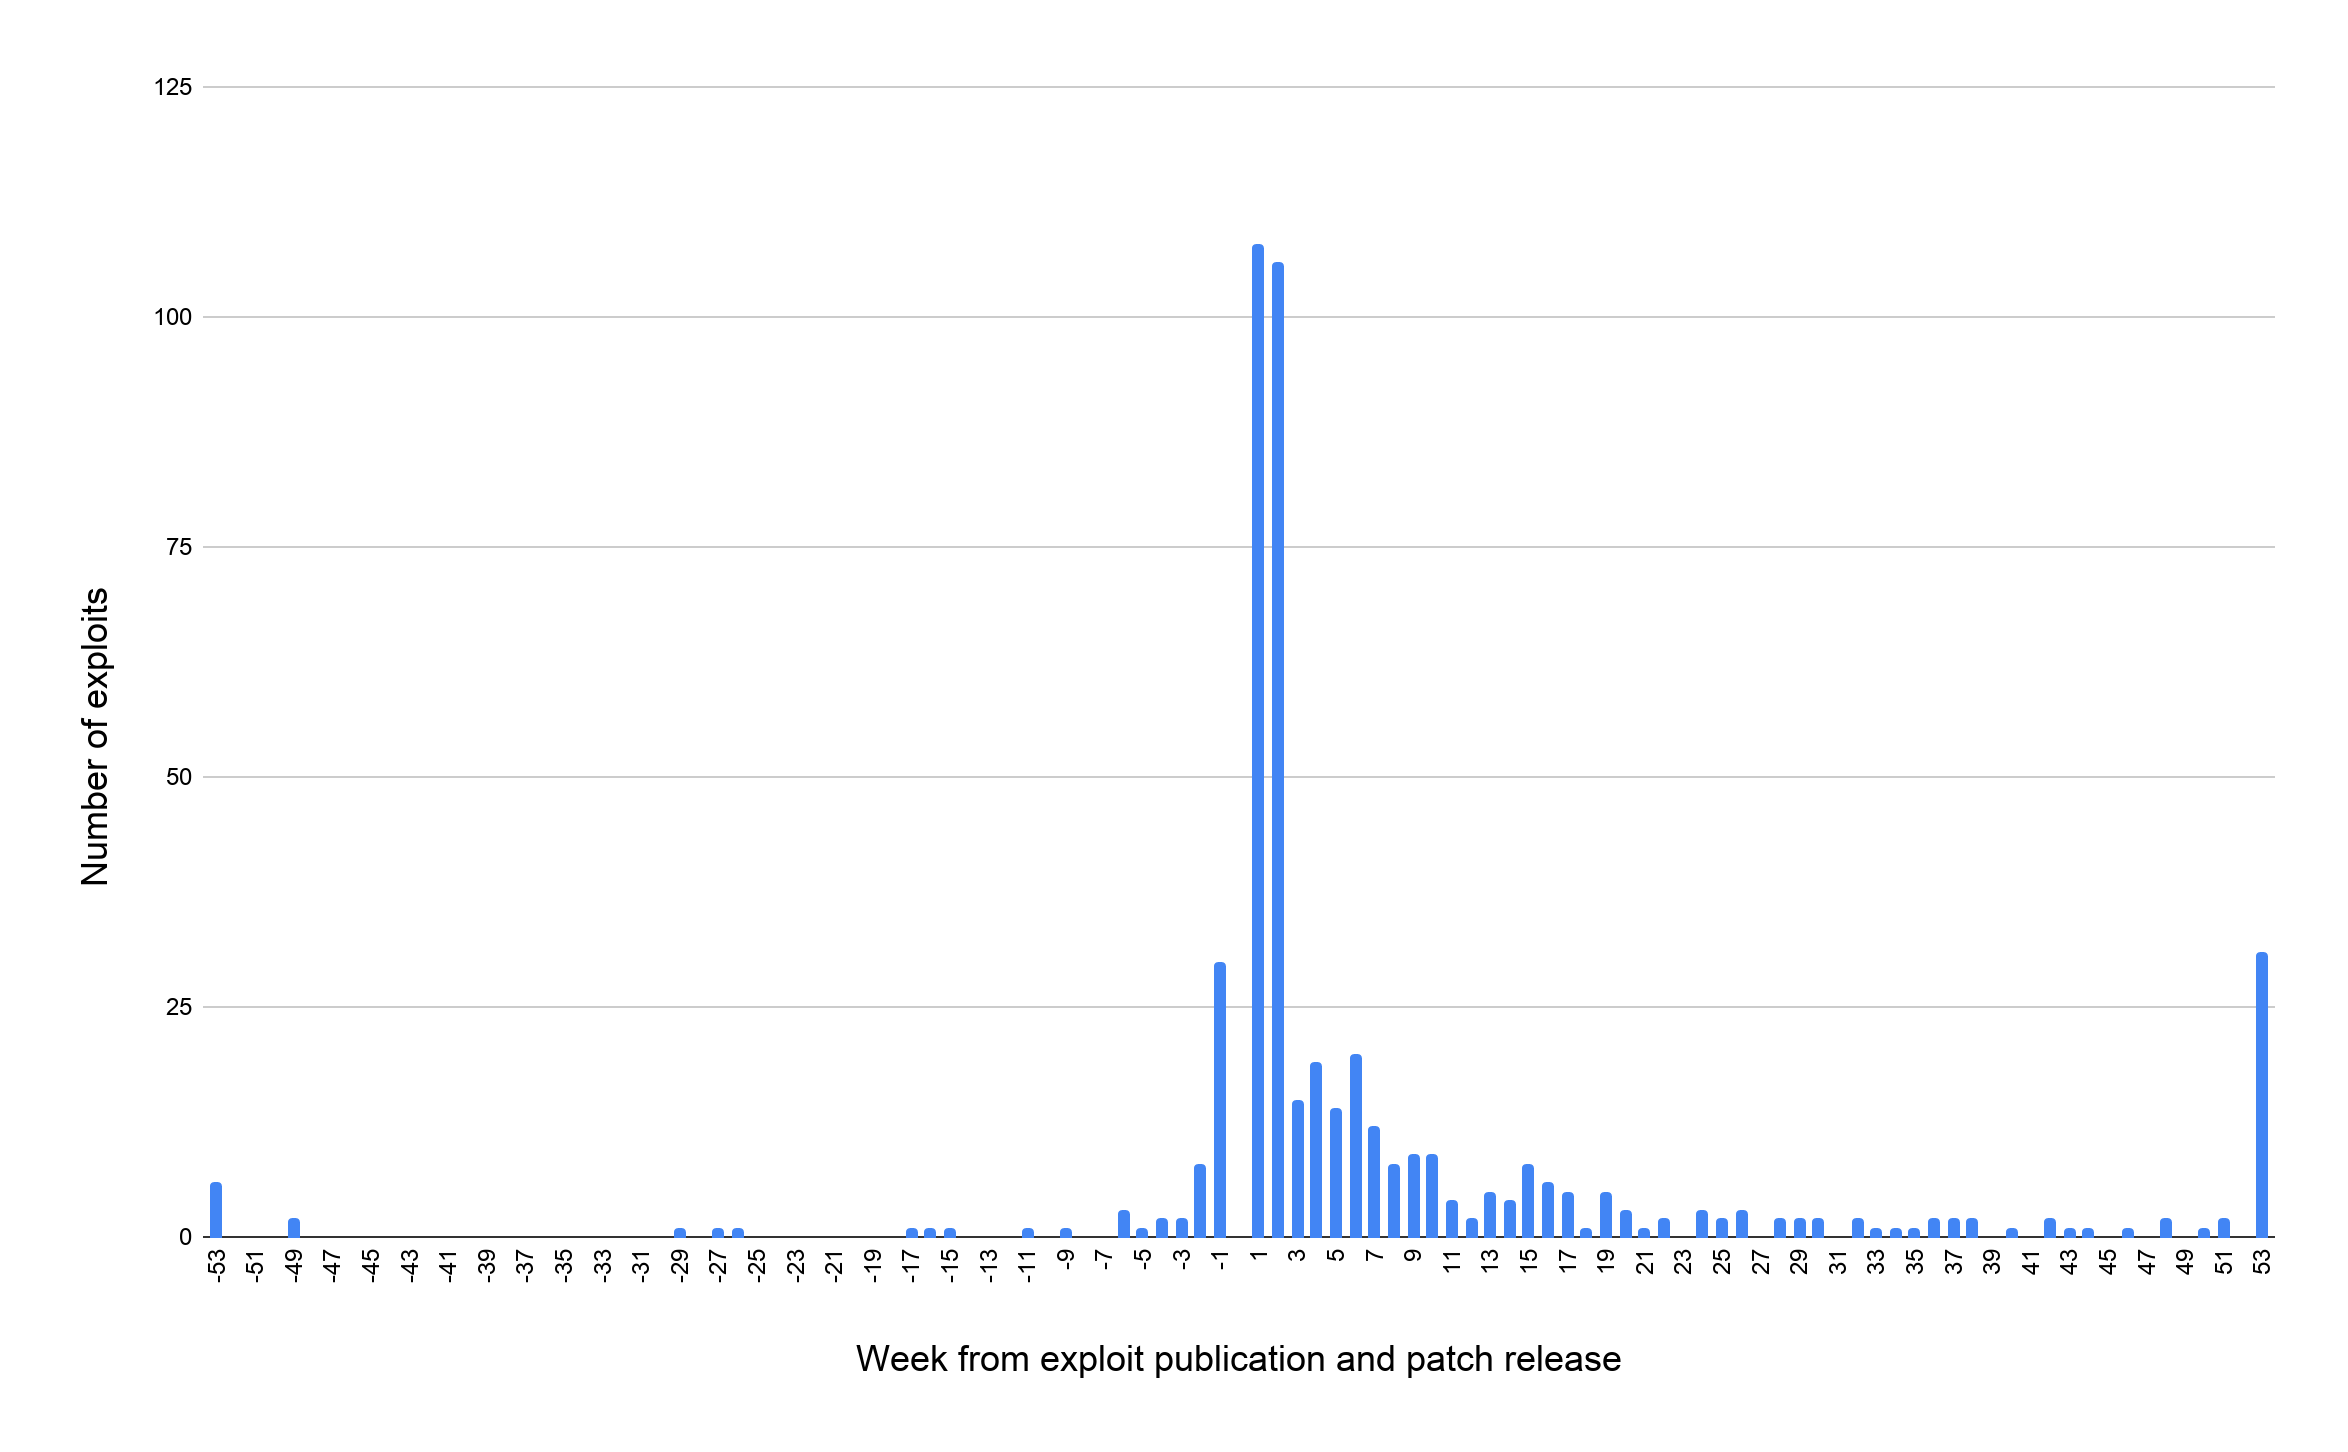 エクスプロイト数(Y軸)に対するエクスプロイト公開・パッチ提供開始からの経過週数(X軸)